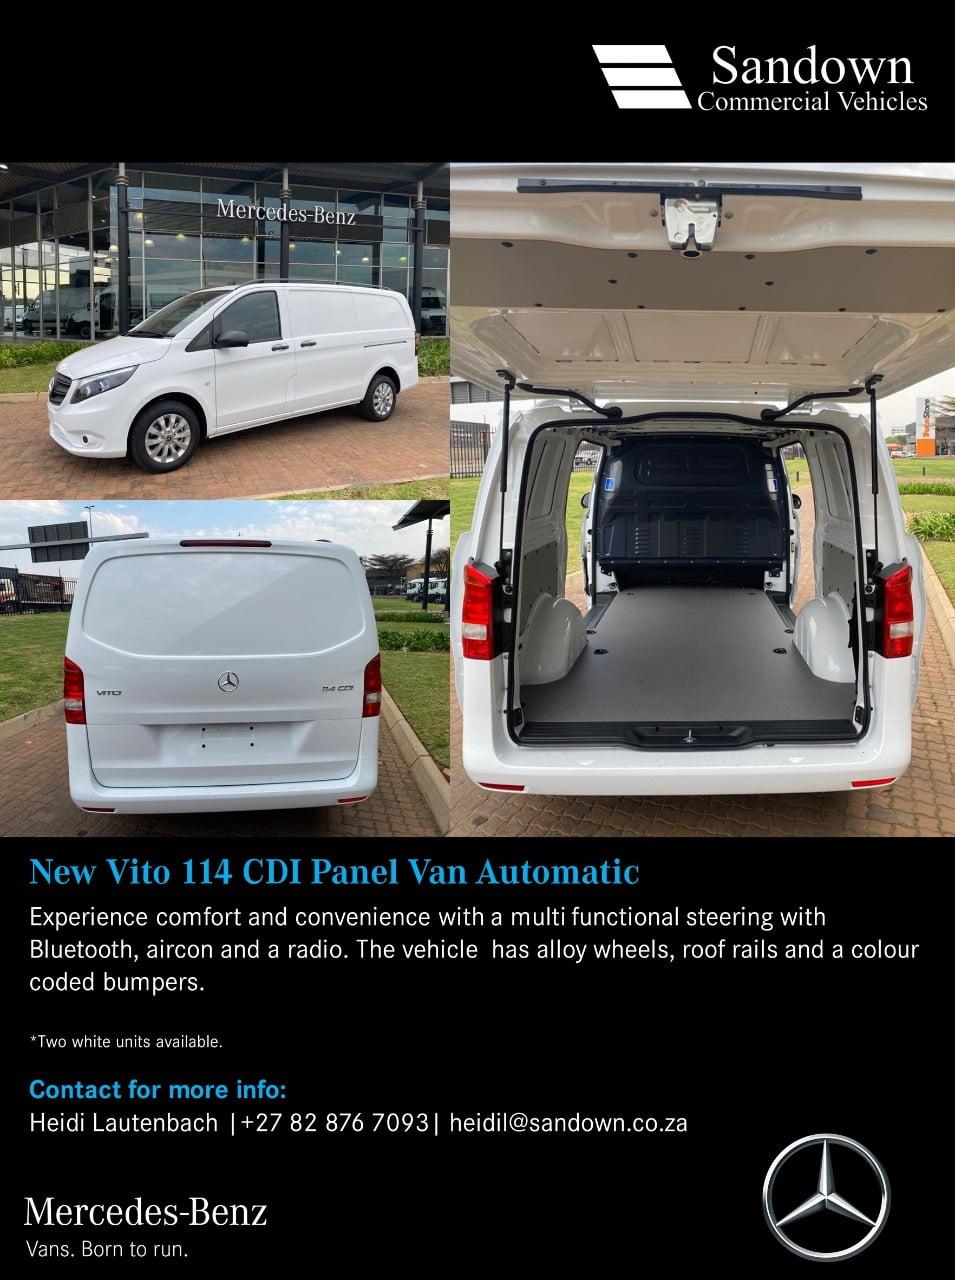 Mercedes Benz Vito 114 CDI Panel Van